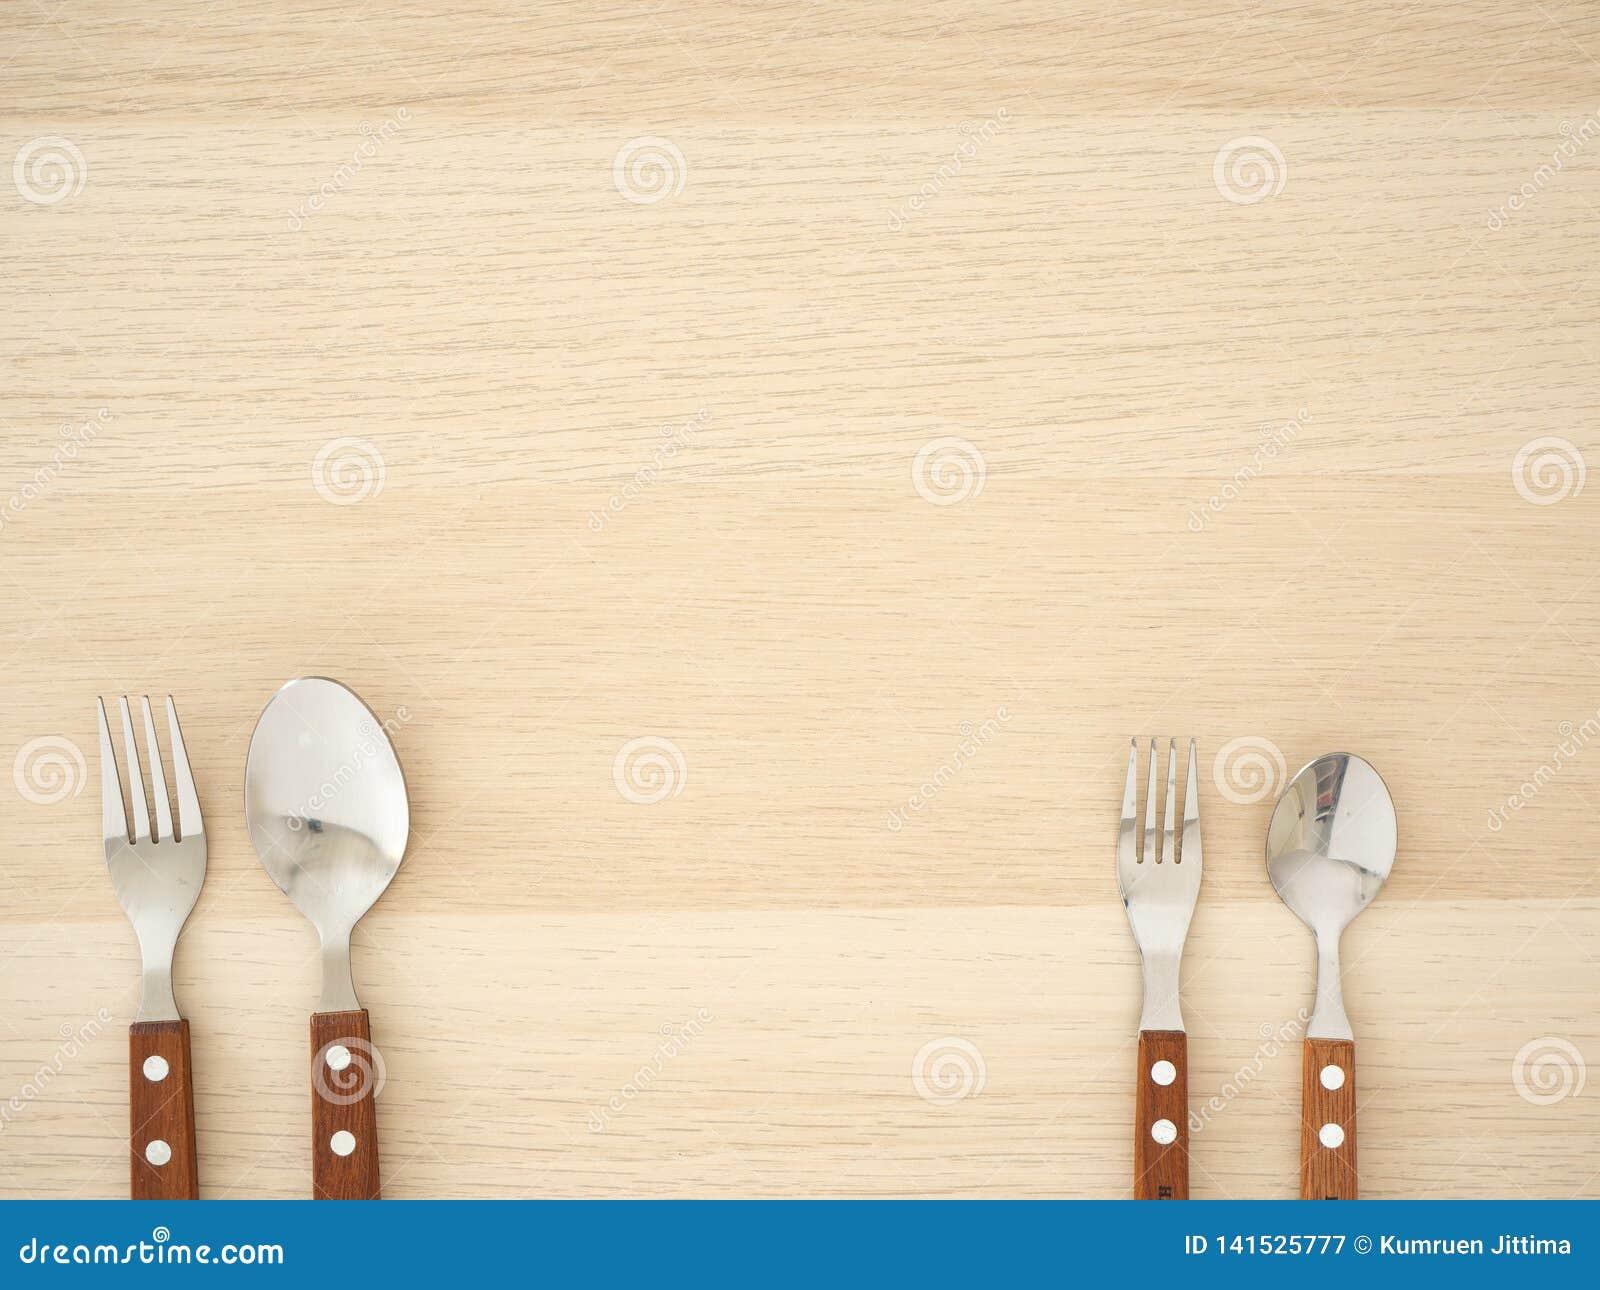 Ασημένια μαχαιροπήρουνα που τίθενται στον ξύλινο πίνακα